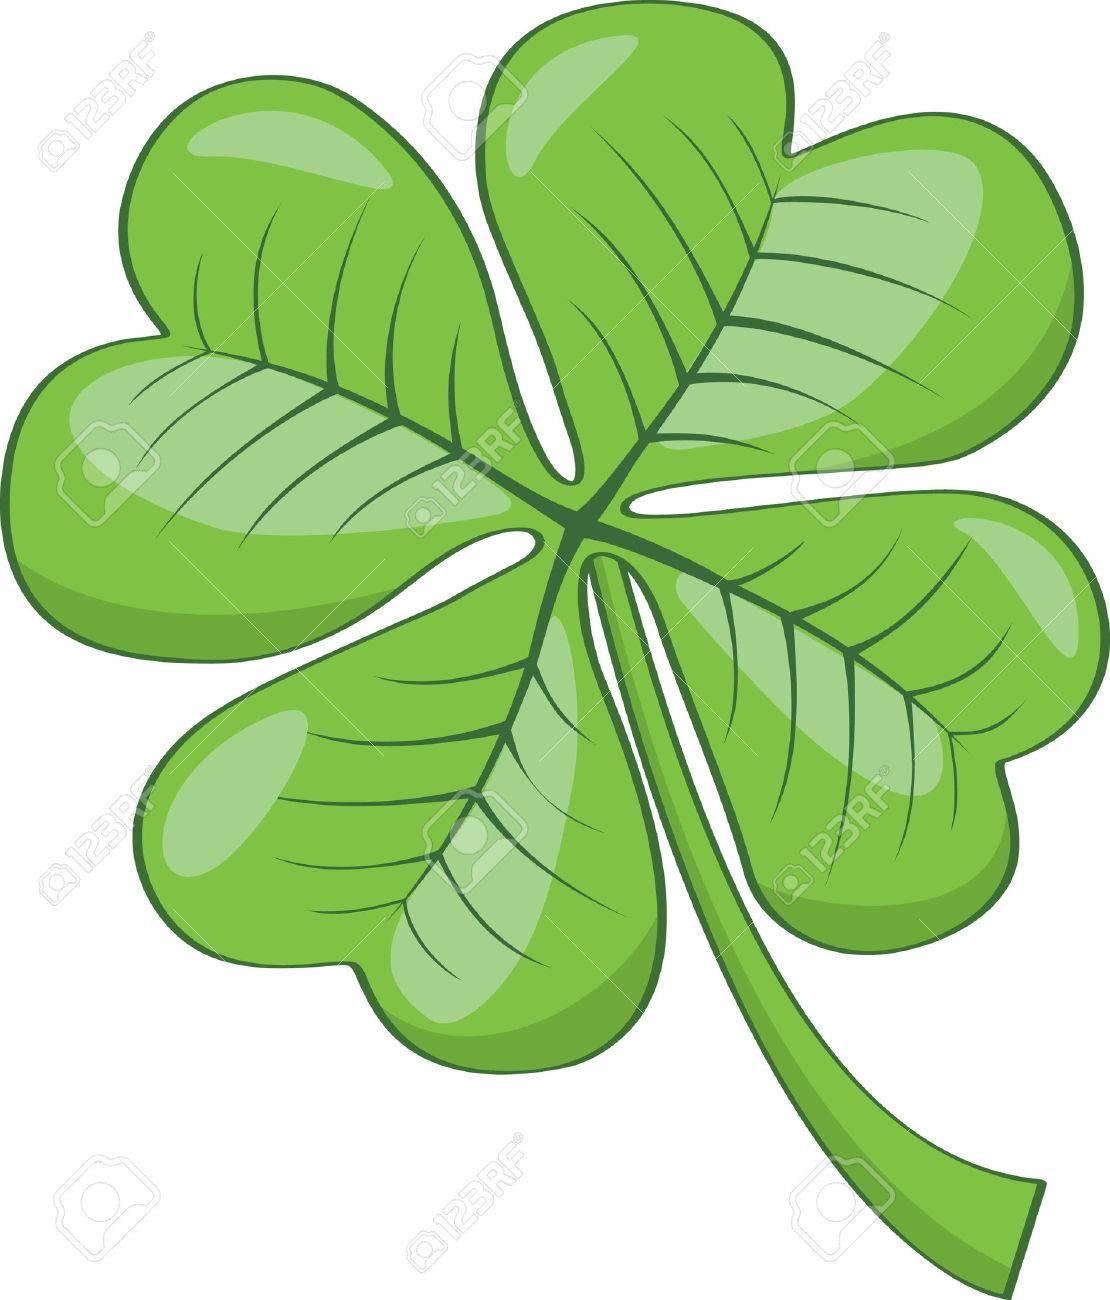 Four leaf clover Stock Vector - 4824693